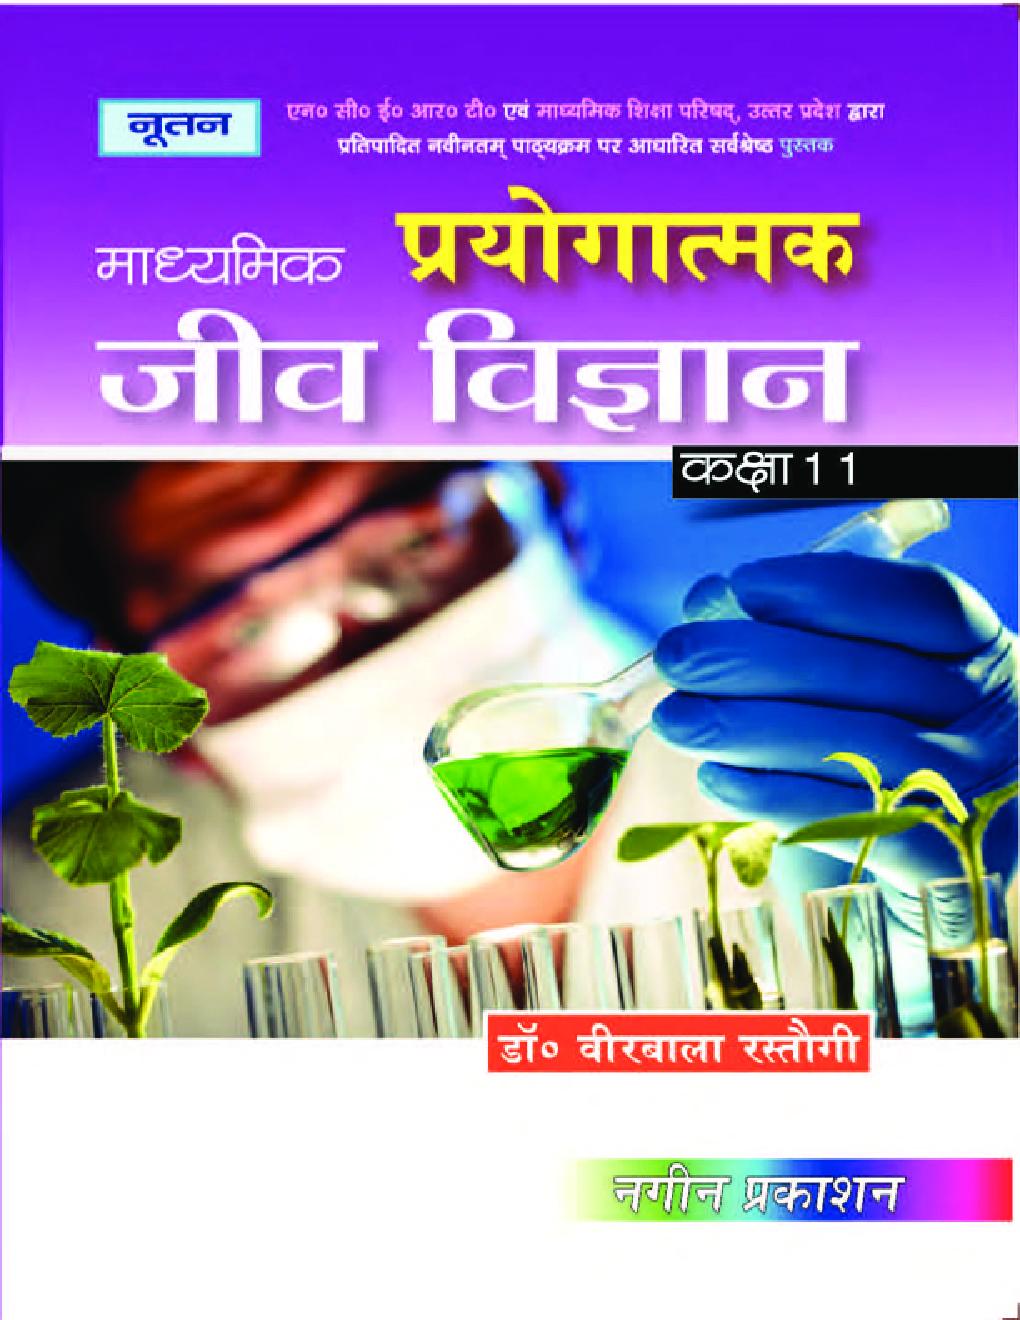 UP Board माध्यमिक प्रयोगात्मक जीव विज्ञान For Class - XI - Page 1